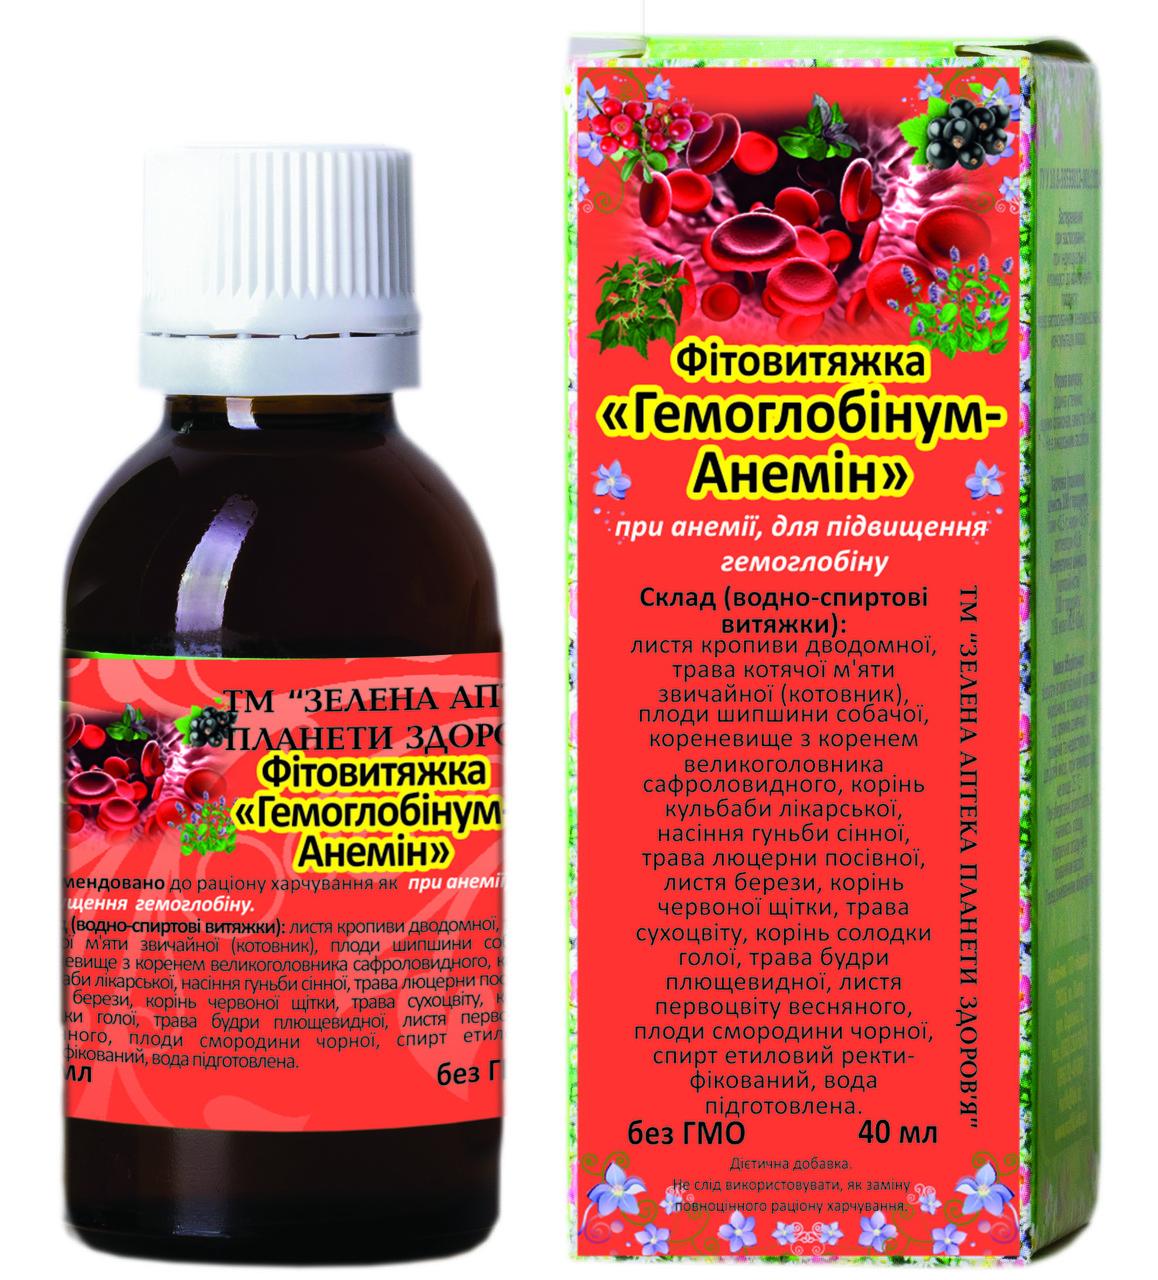 Гемоглобинум-анемин фитовытяжка 40 мл